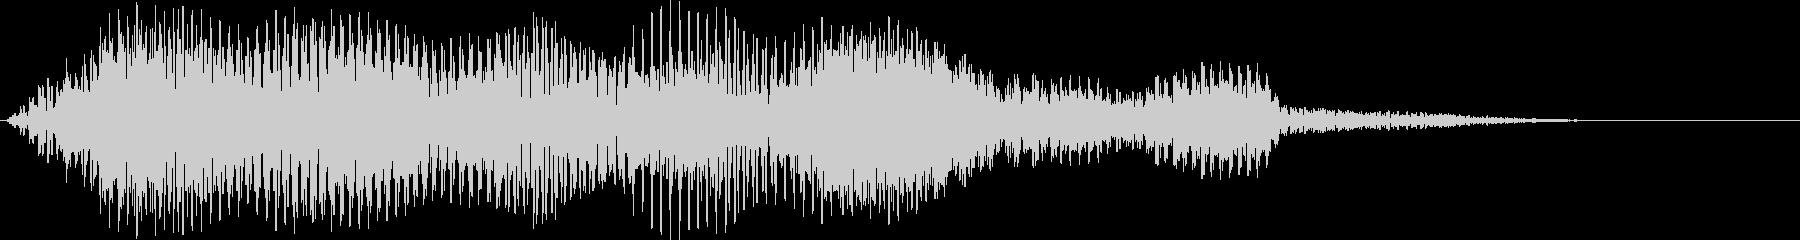 ホラー・サスペンス用音源の未再生の波形